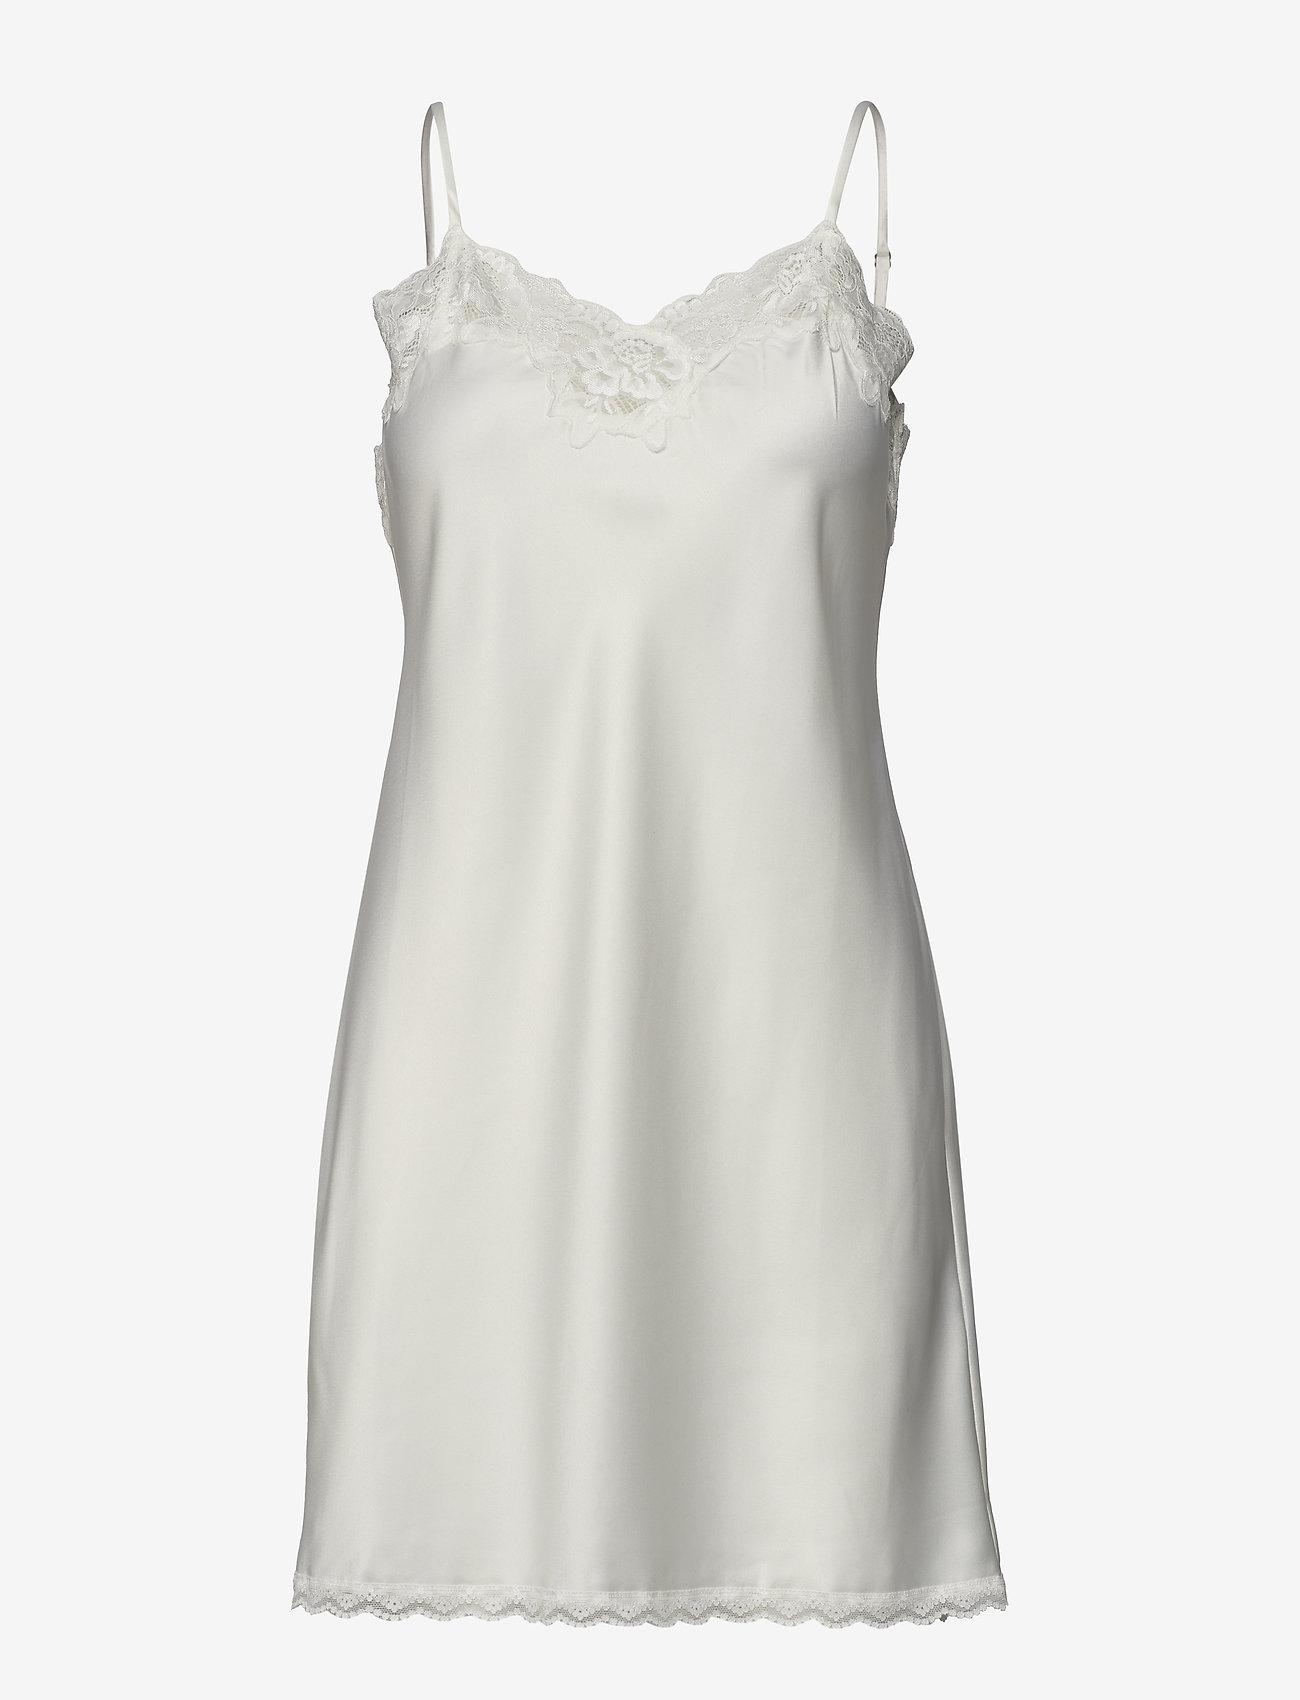 Lauren Ralph Lauren Homewear - LRL SIGNATURE LACE CHEMISE - ivory - 0